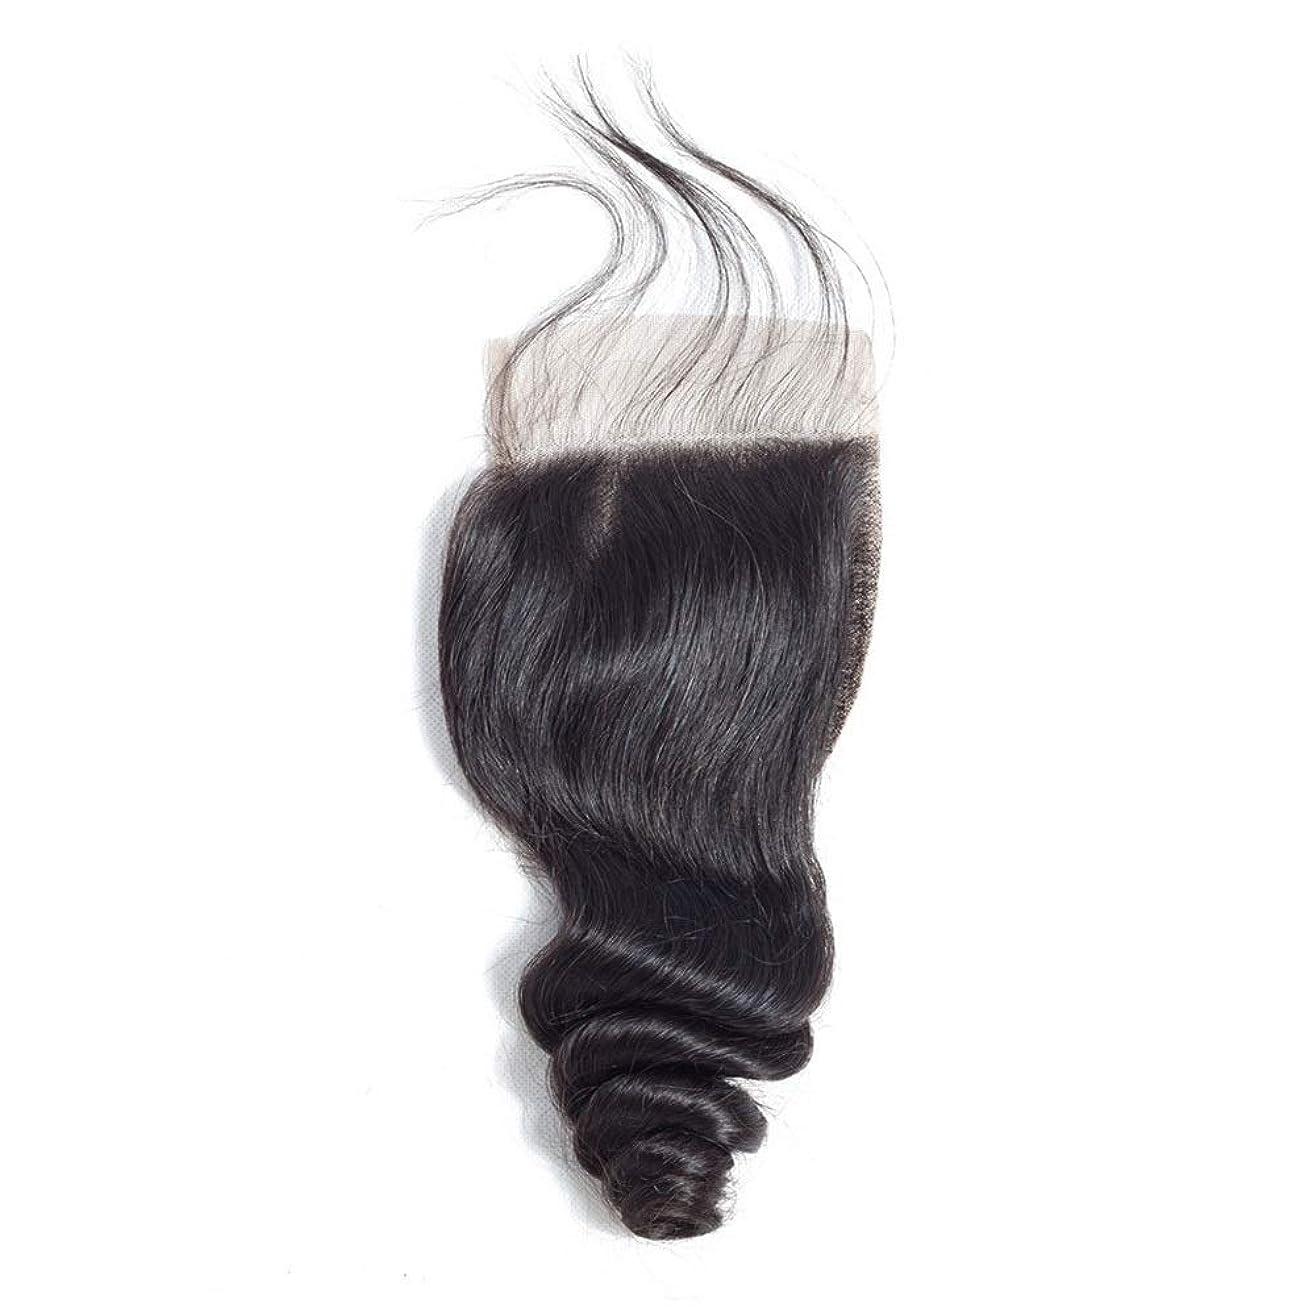 鹿吸う明らかHOHYLLYA フリーパート4 * 4レース前頭閉鎖ブラジルルースウェーブ人間の髪の毛の閉鎖(8インチ-20インチ)長い巻き毛のかつら (色 : 黒, サイズ : 20 inch)